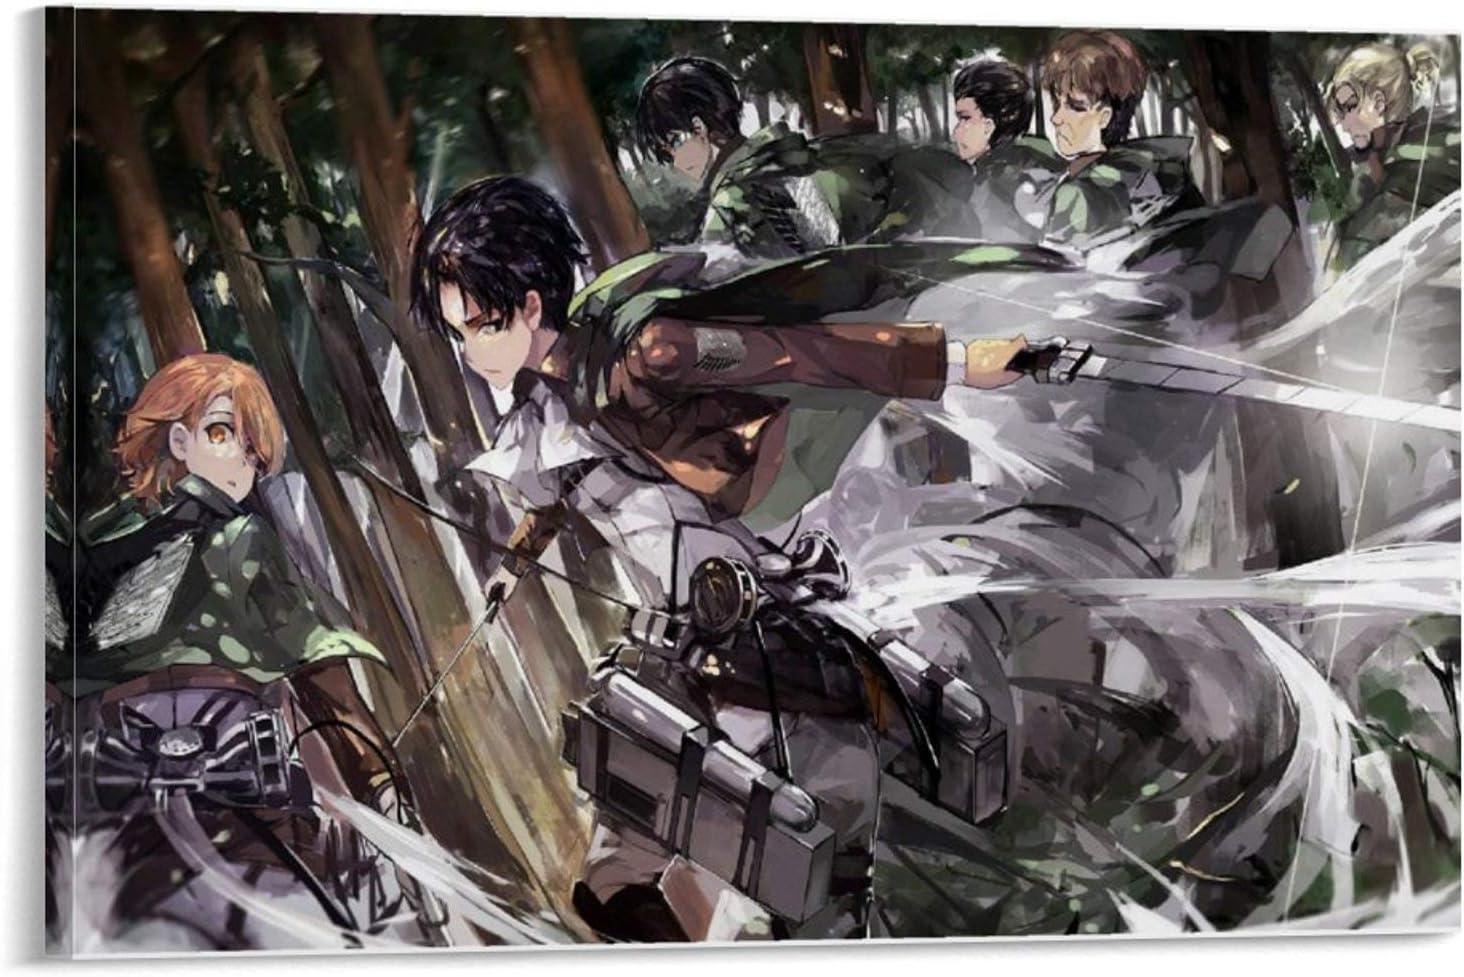 p/óster moderno para decoraci/ón de dormitorio familiar xingqisi P/óster art/ístico de Anime Shingeki No Kyojin 104 Eren Yeager y arte de pared 20 x 30 cm